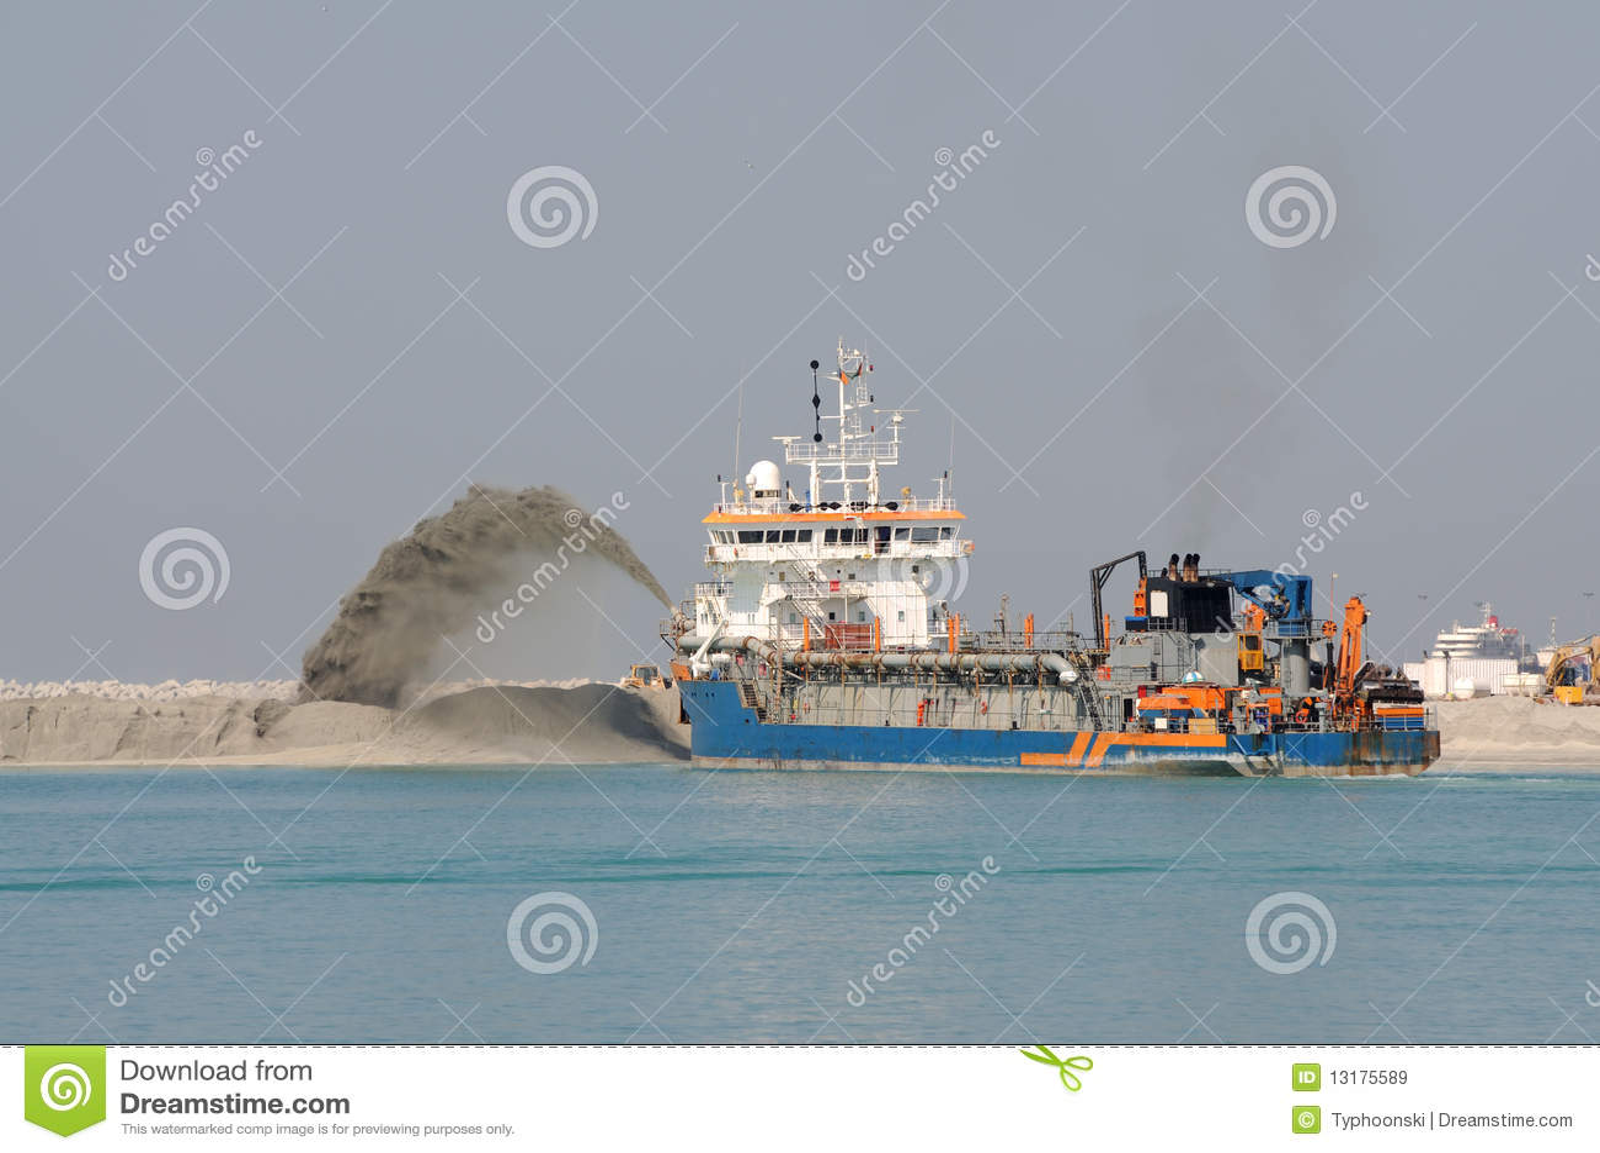 σκάφος βυθοκόρων ειδικό